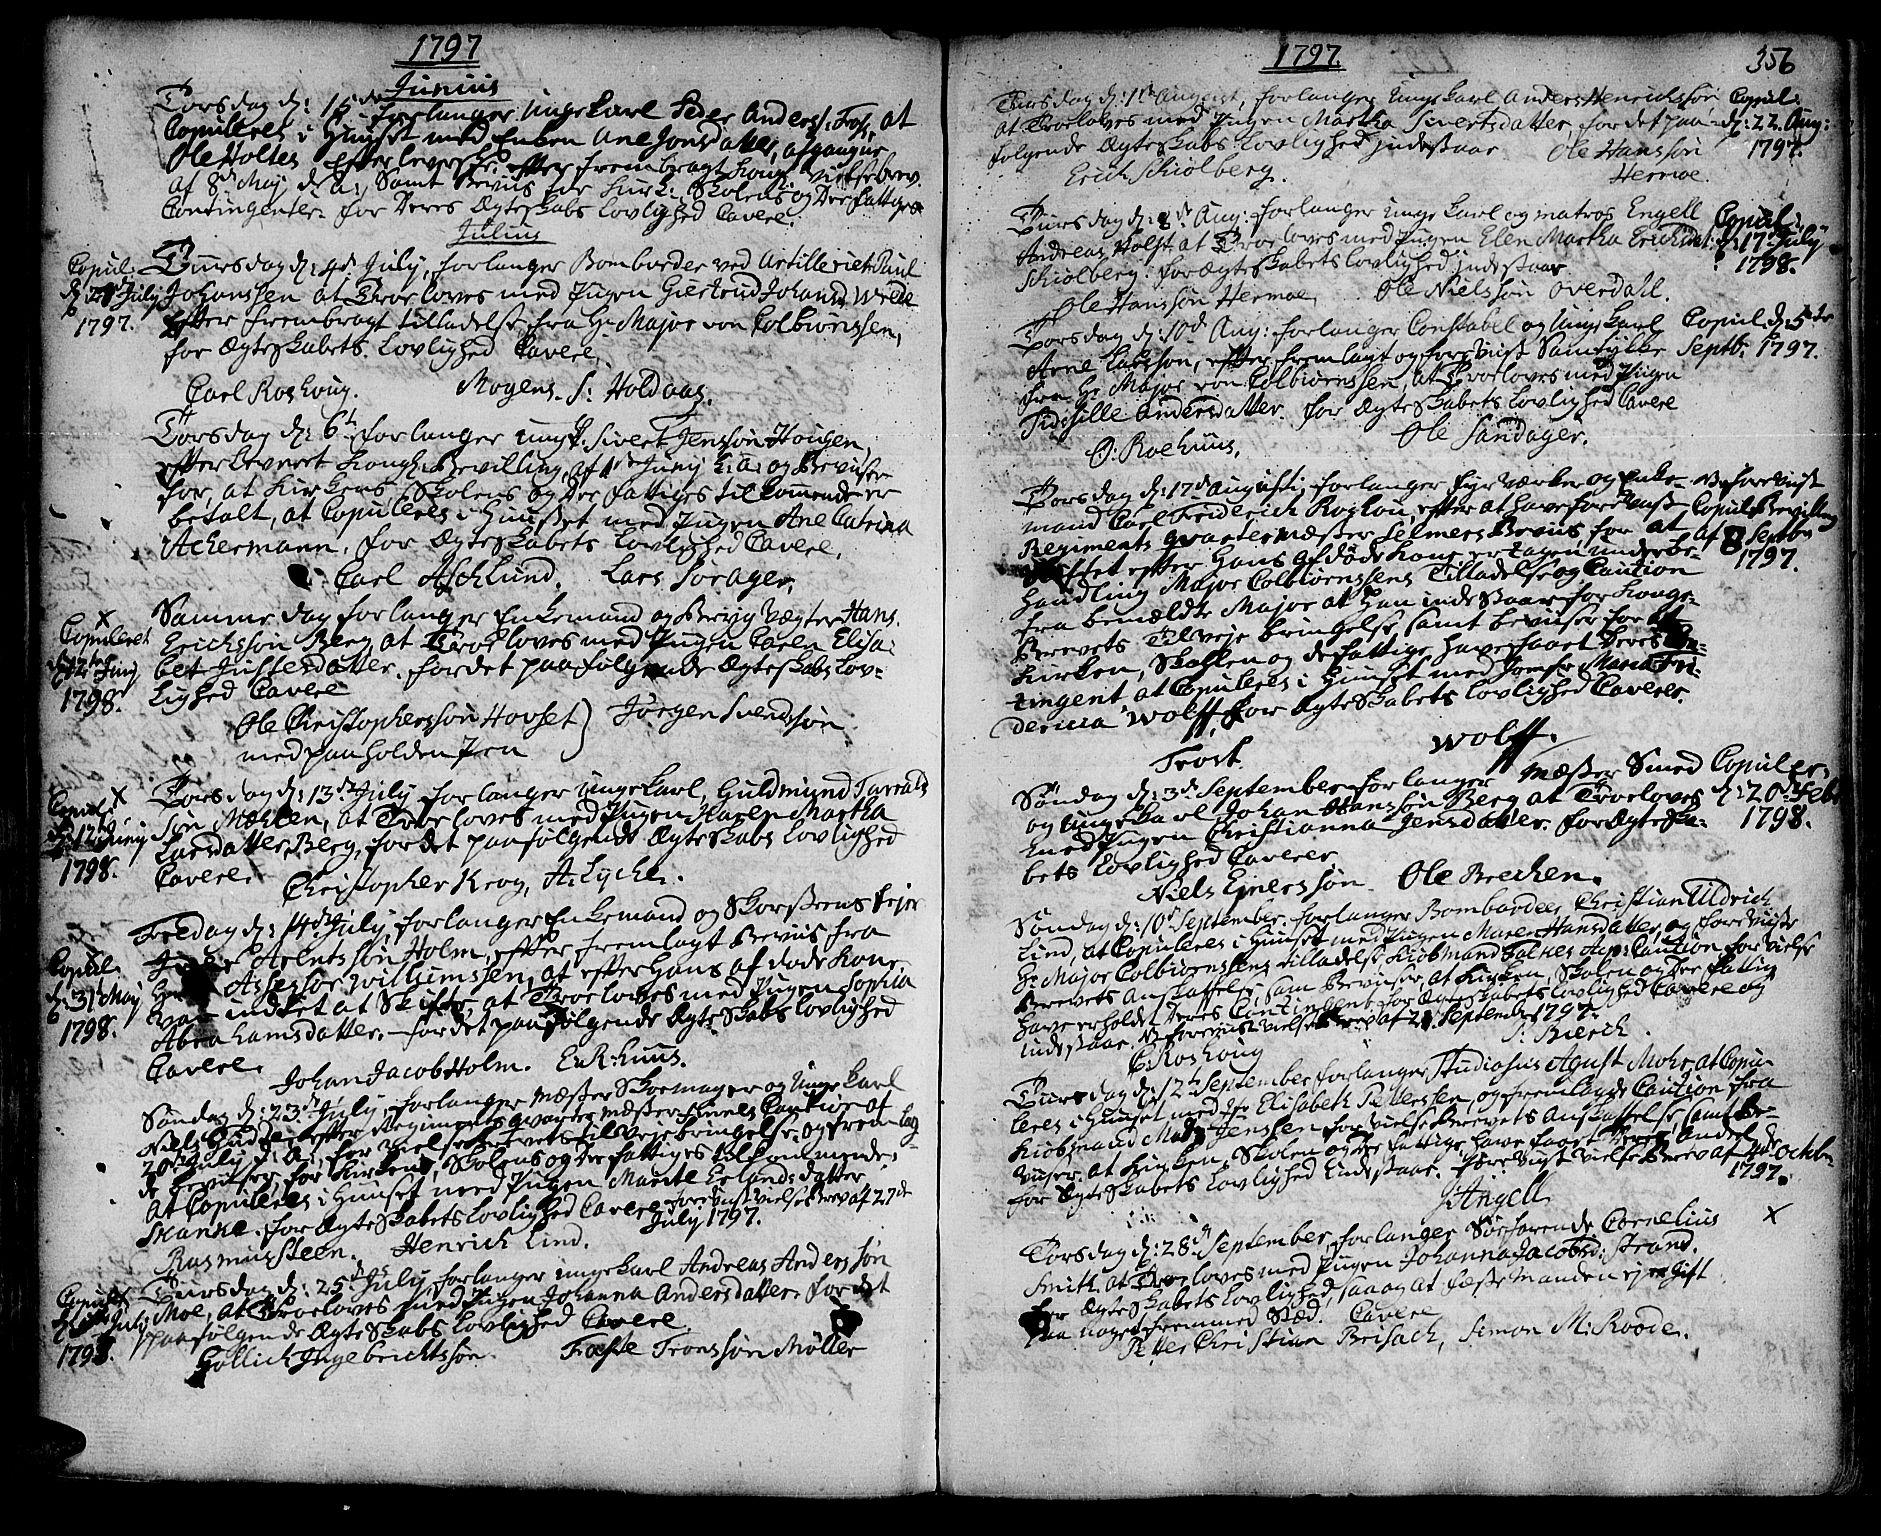 SAT, Ministerialprotokoller, klokkerbøker og fødselsregistre - Sør-Trøndelag, 601/L0038: Ministerialbok nr. 601A06, 1766-1877, s. 356a